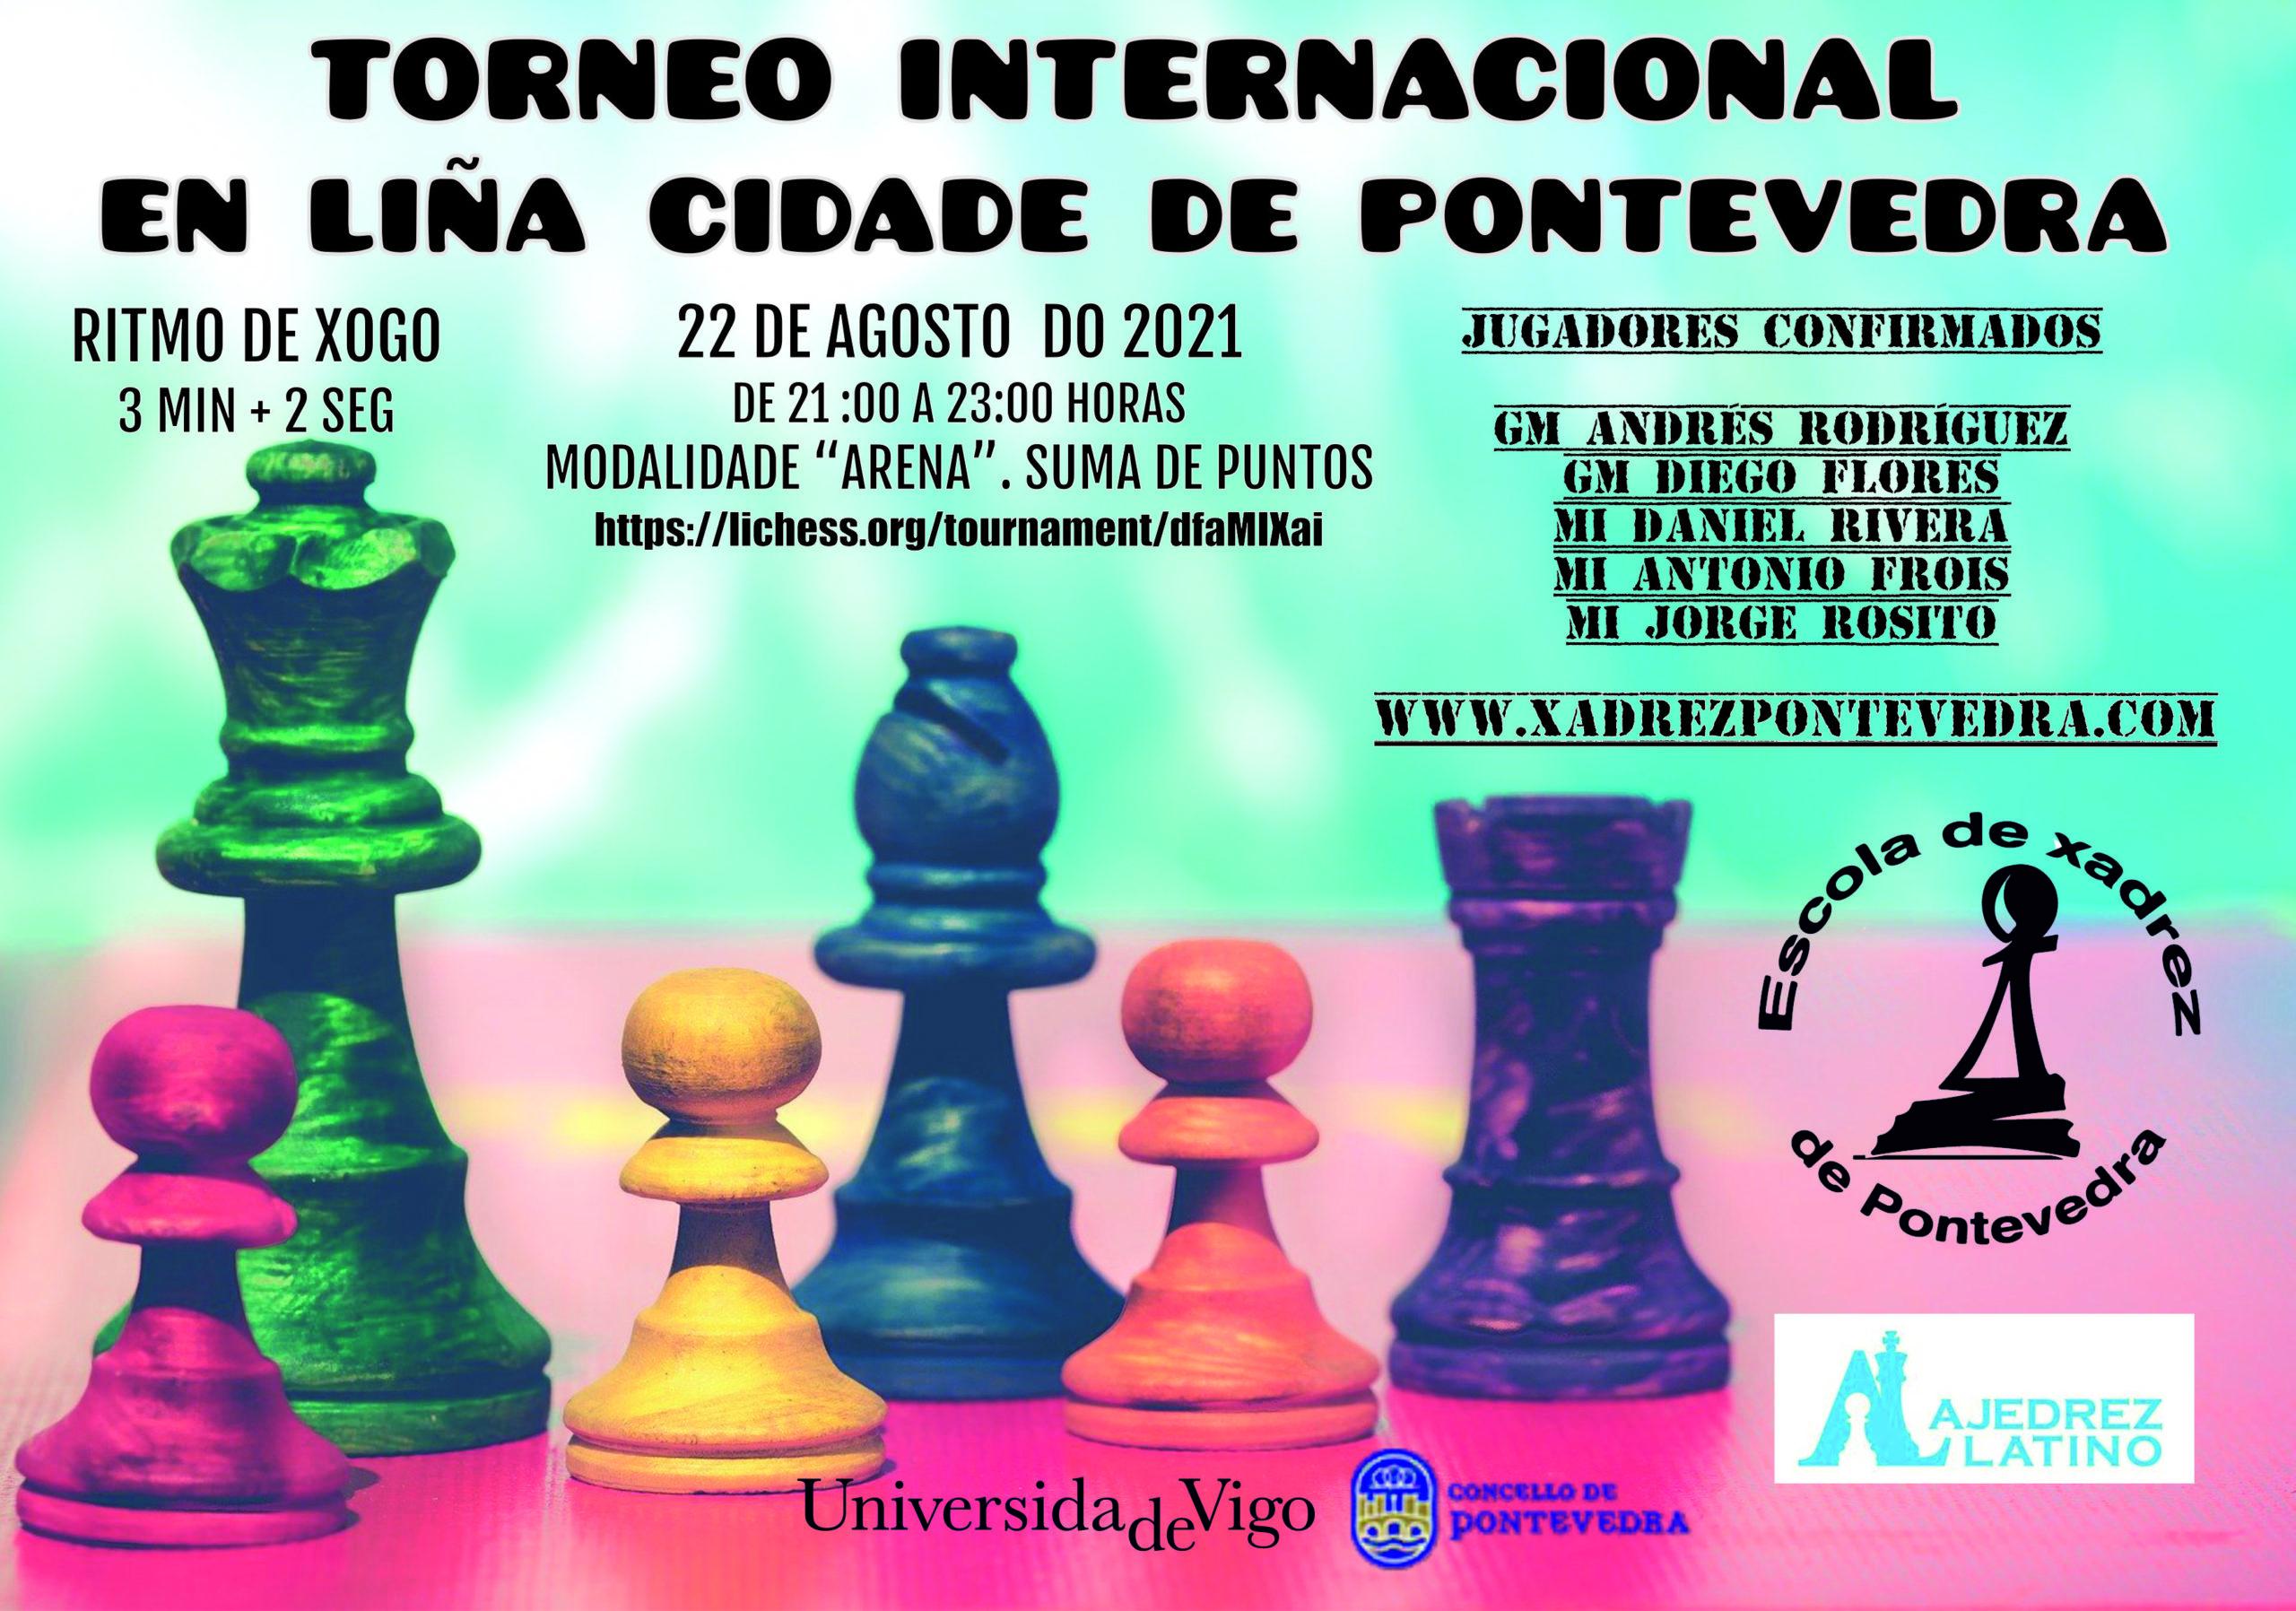 Torneo Internacional en línea Cidade de Pontevedra 2021